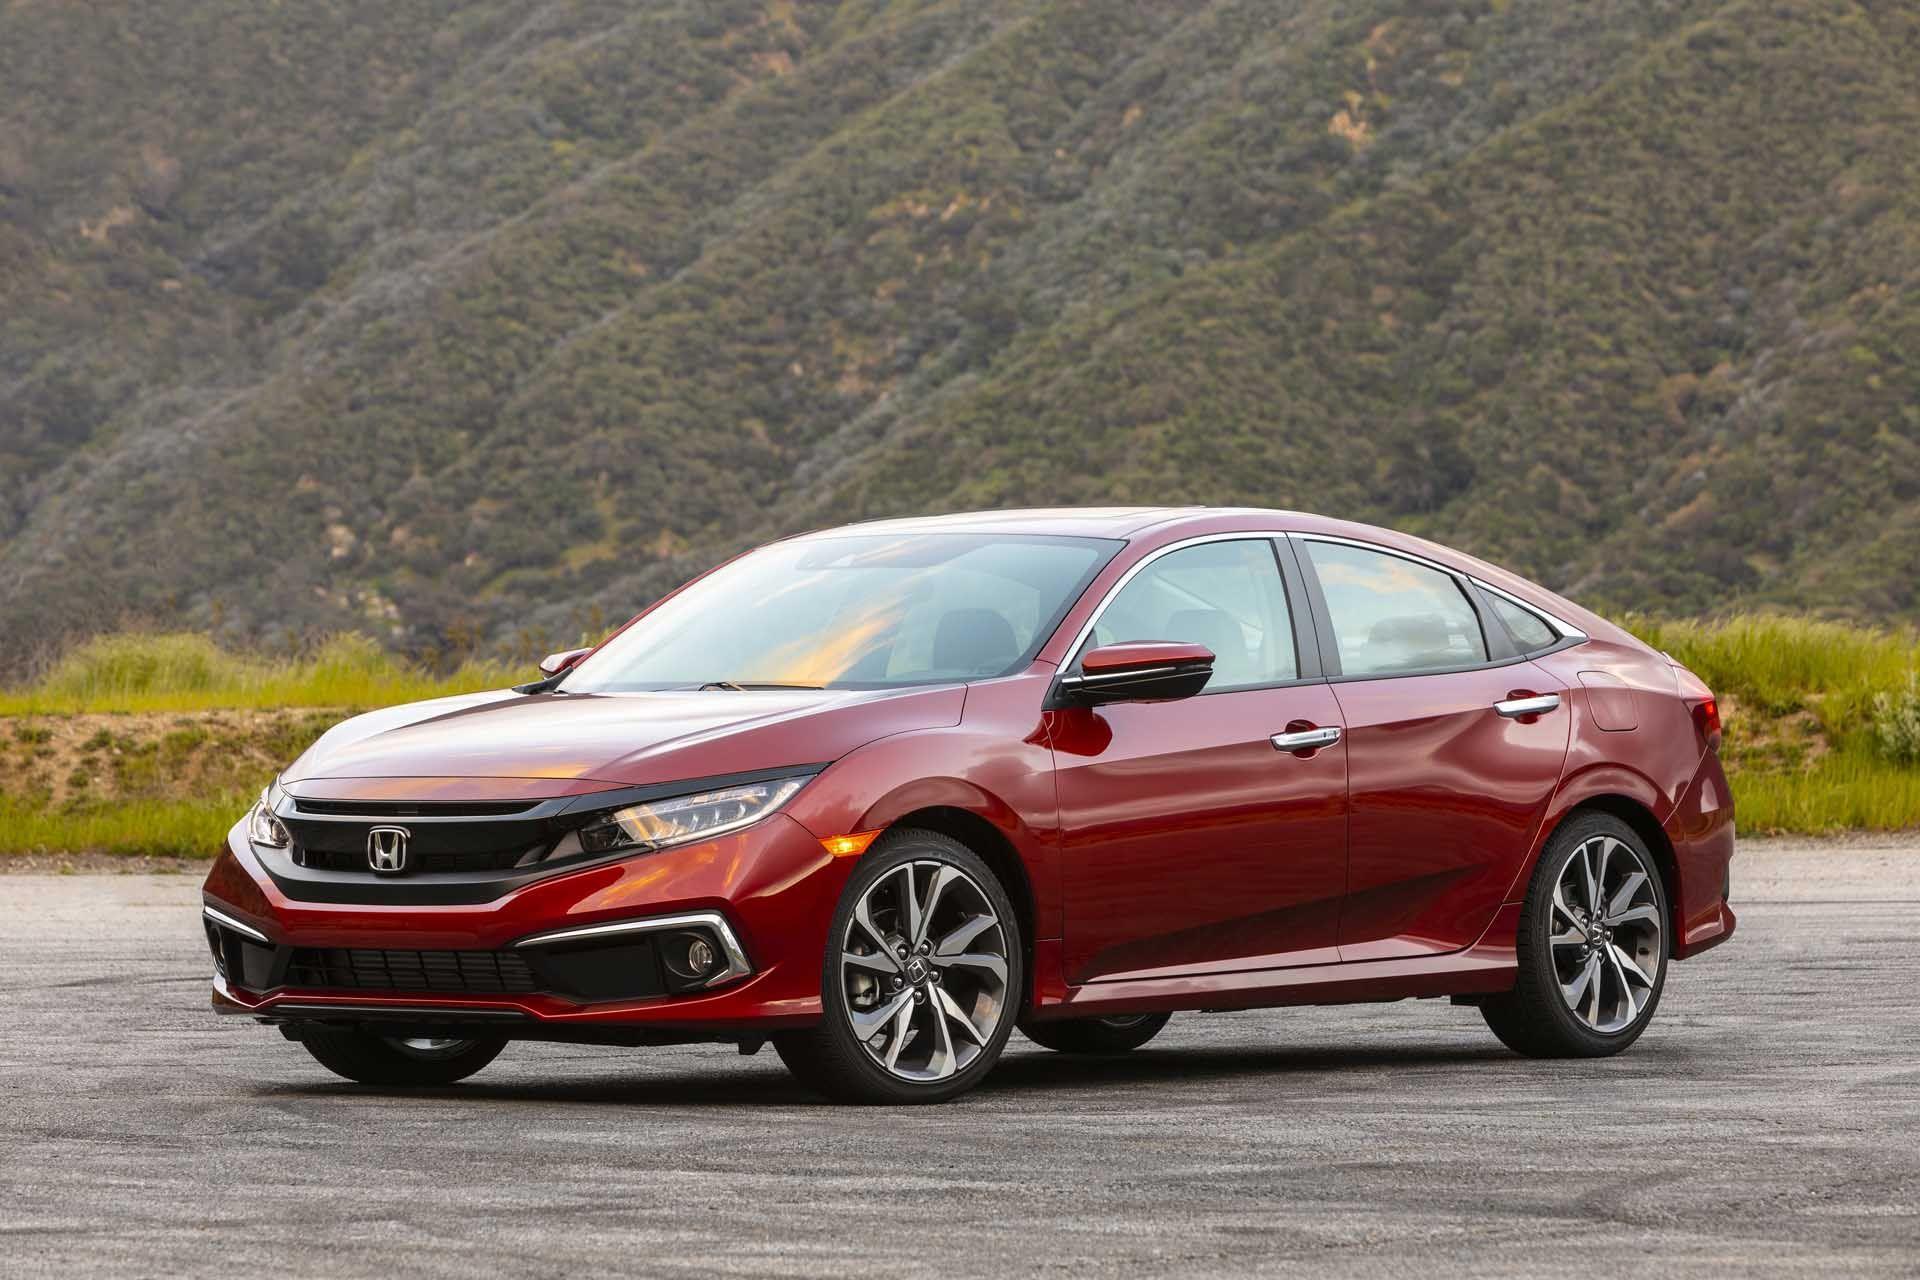 Honda Civic Coupe In 2020 Civic Sedan Honda Civic Honda Civic Sedan